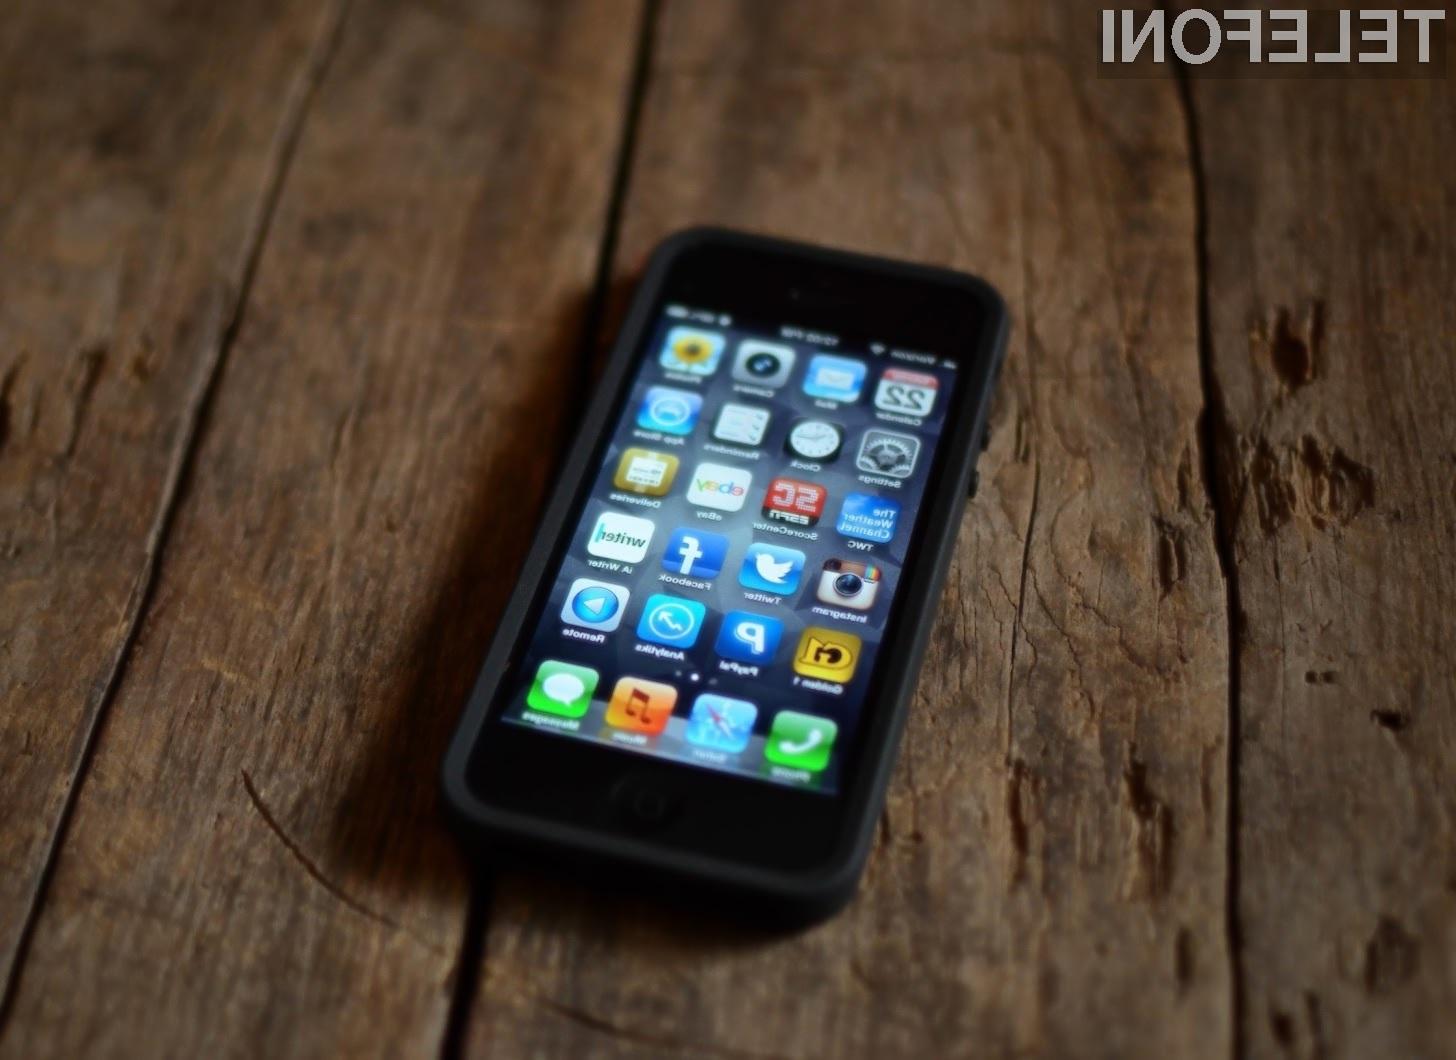 Mobilni operacijski sistem iOS je luknjast kot švicarski sir!